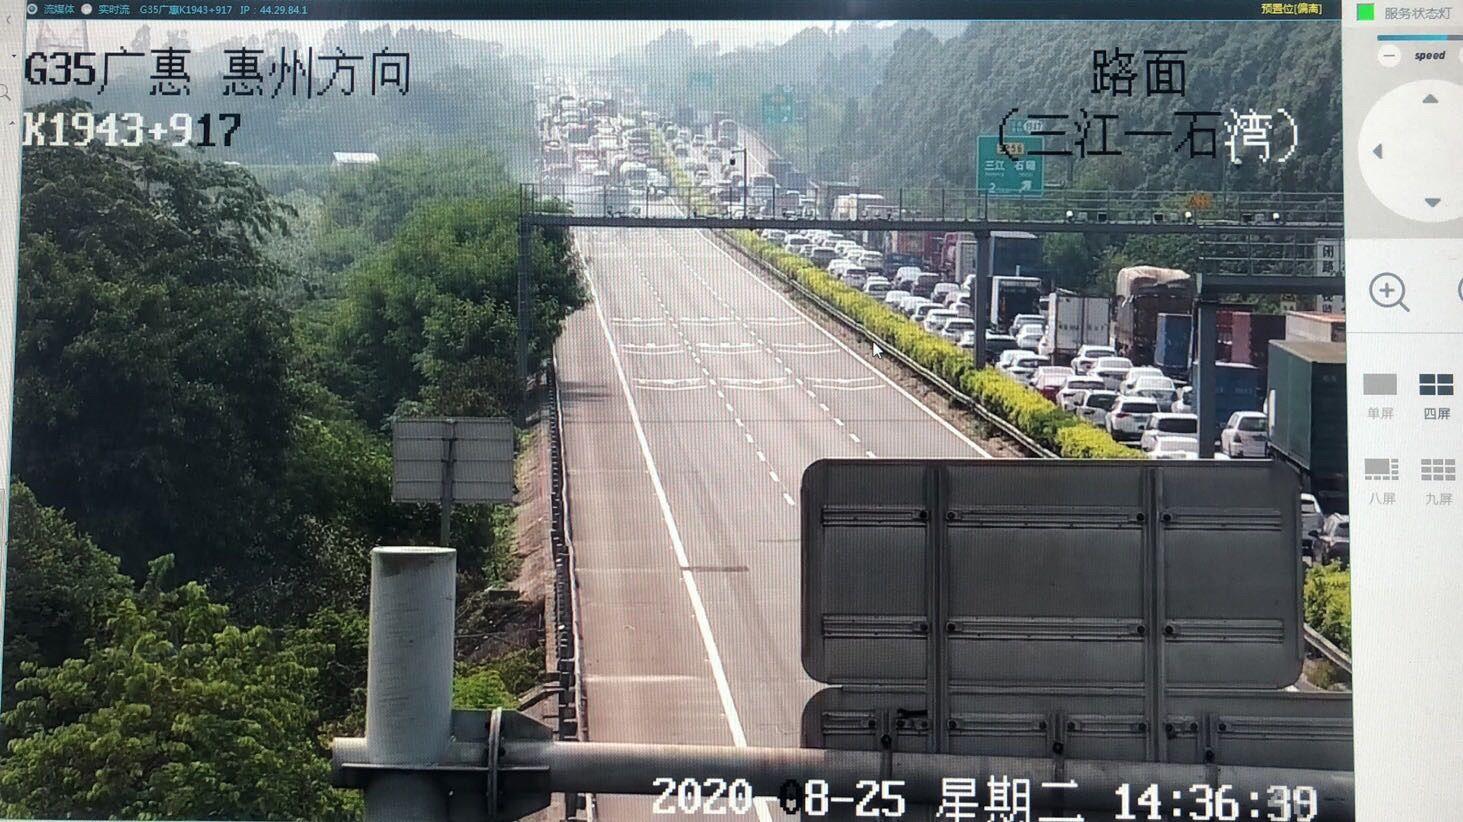 广惠高速一装有9吨硫酸货车翻车泄漏 事故无人员伤亡